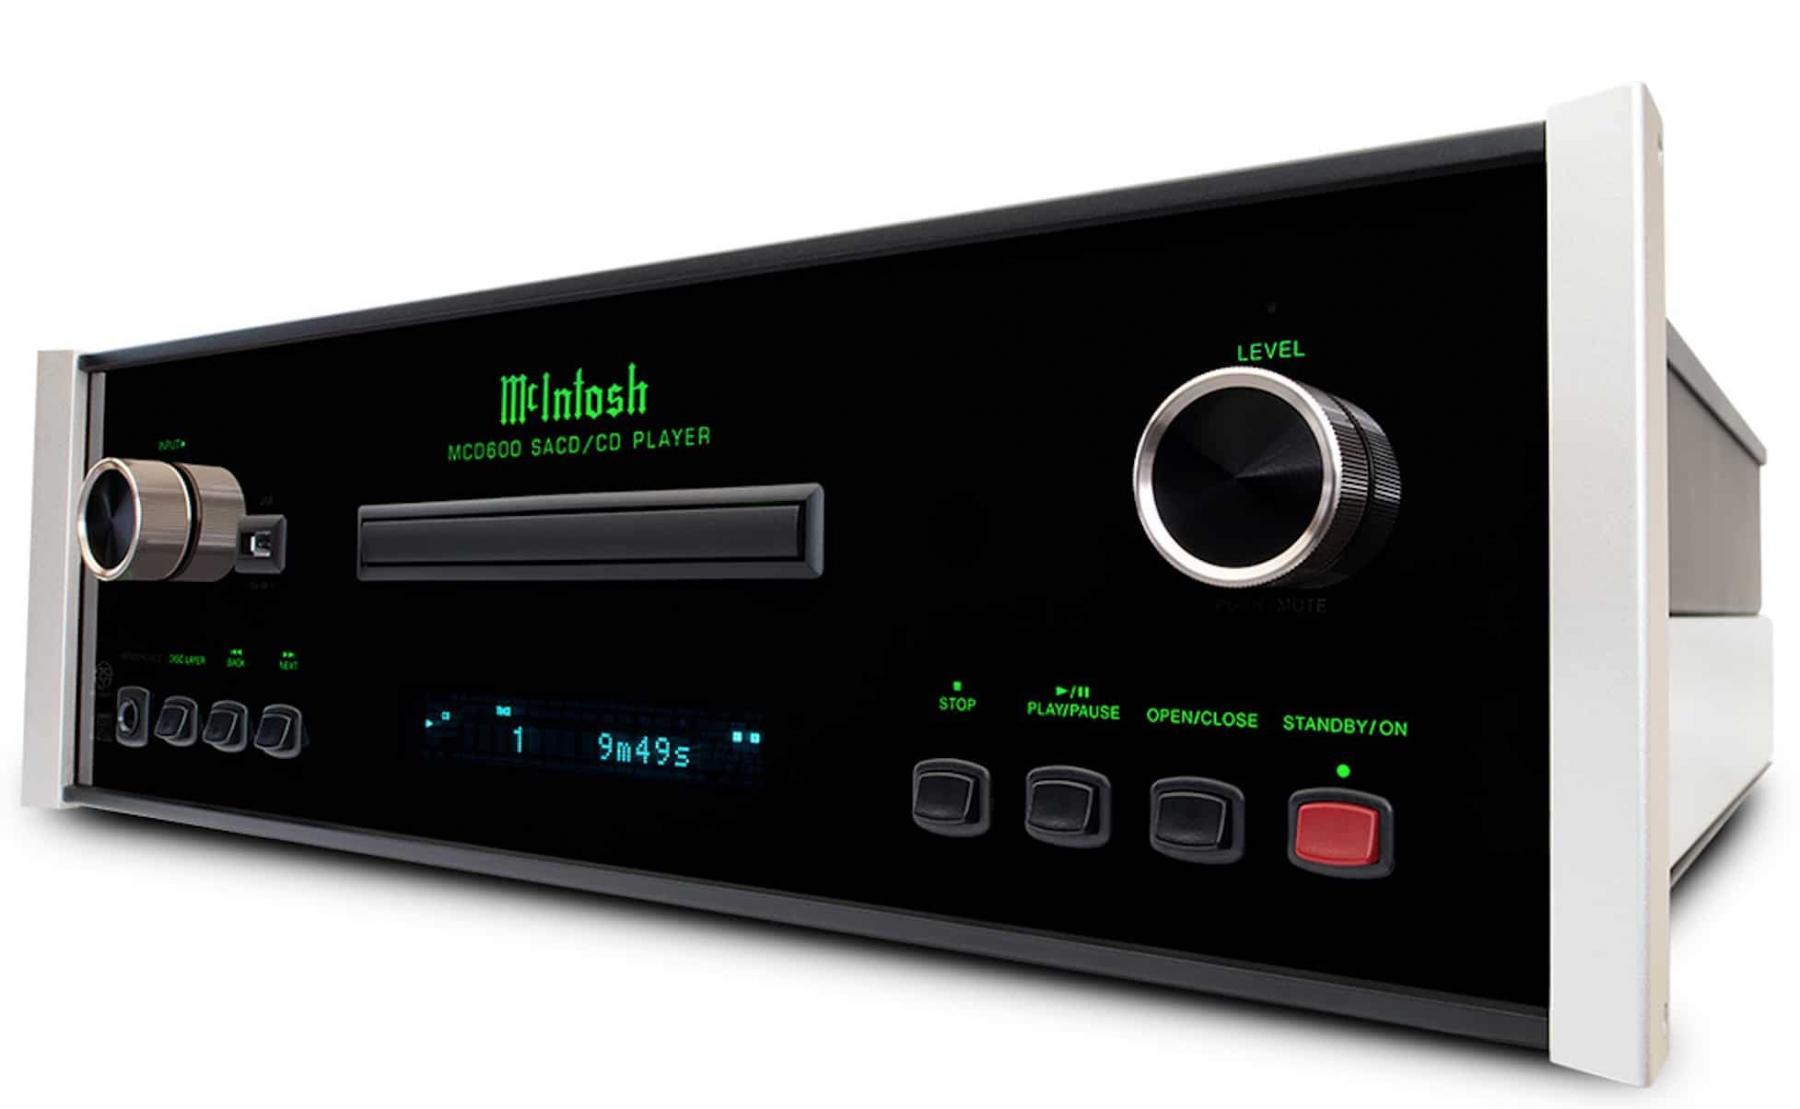 7000 ам.долларын үнэ бүхий MCD600 CD тоглуулагч